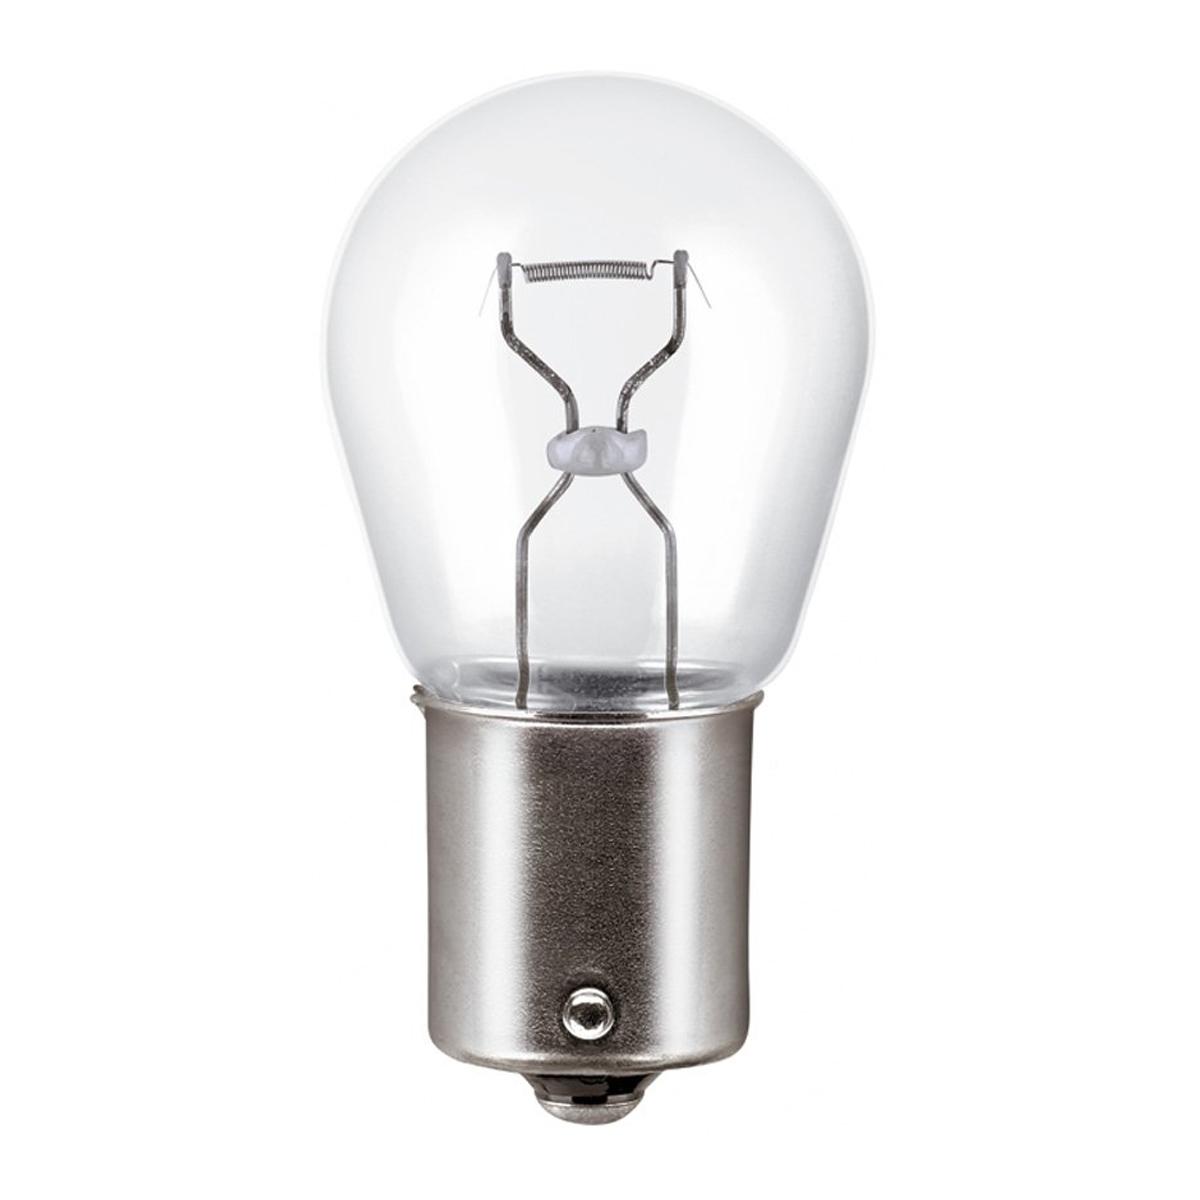 Reverse Light Bulb